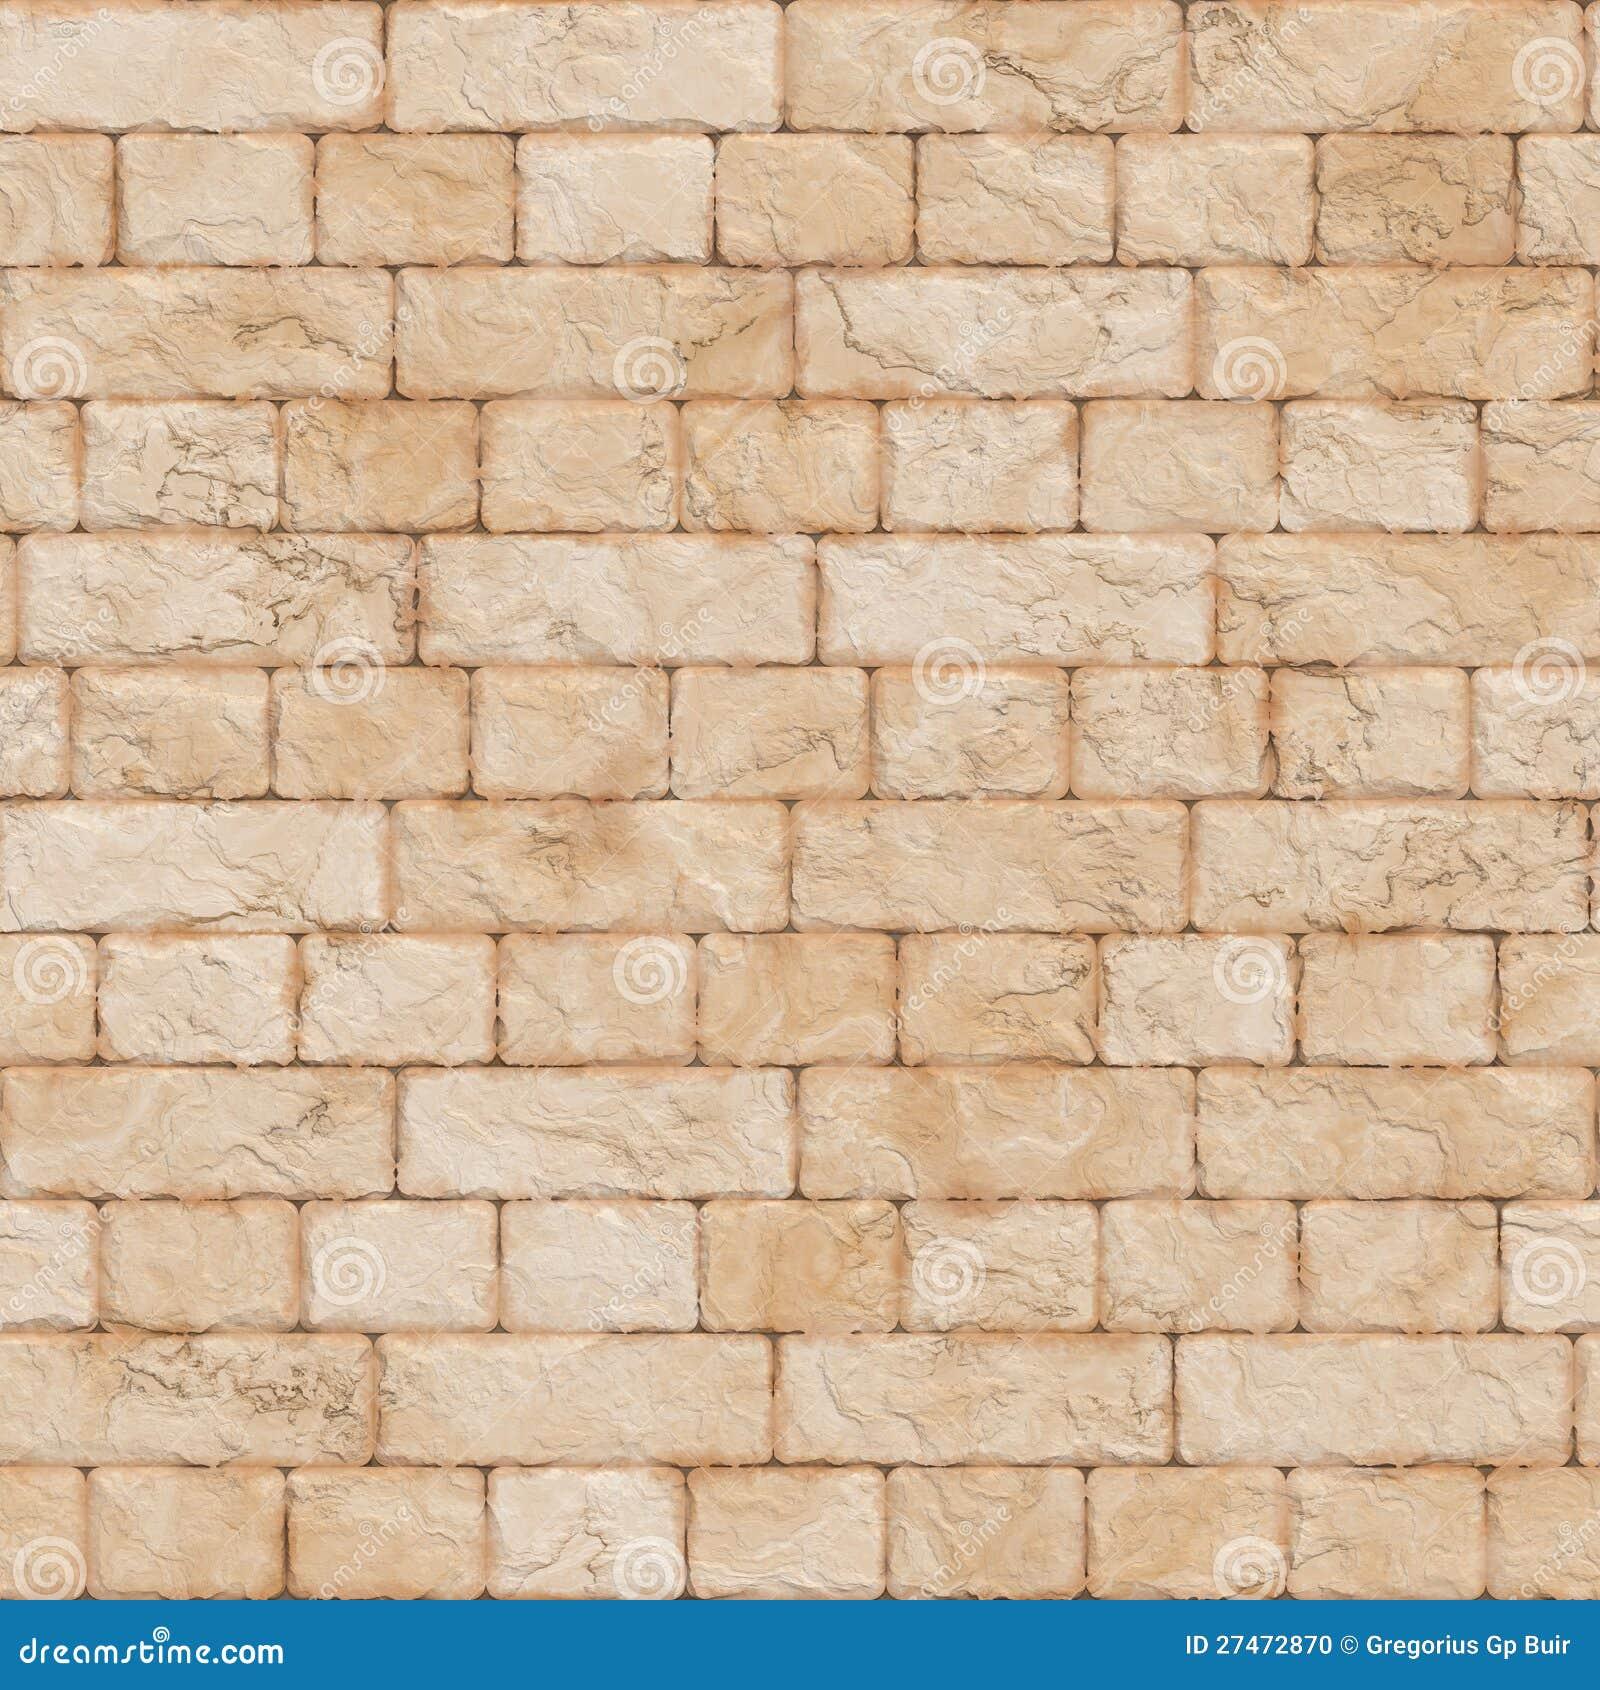 Seamless Brick Wall Pattern Stock Photo Image 27472870